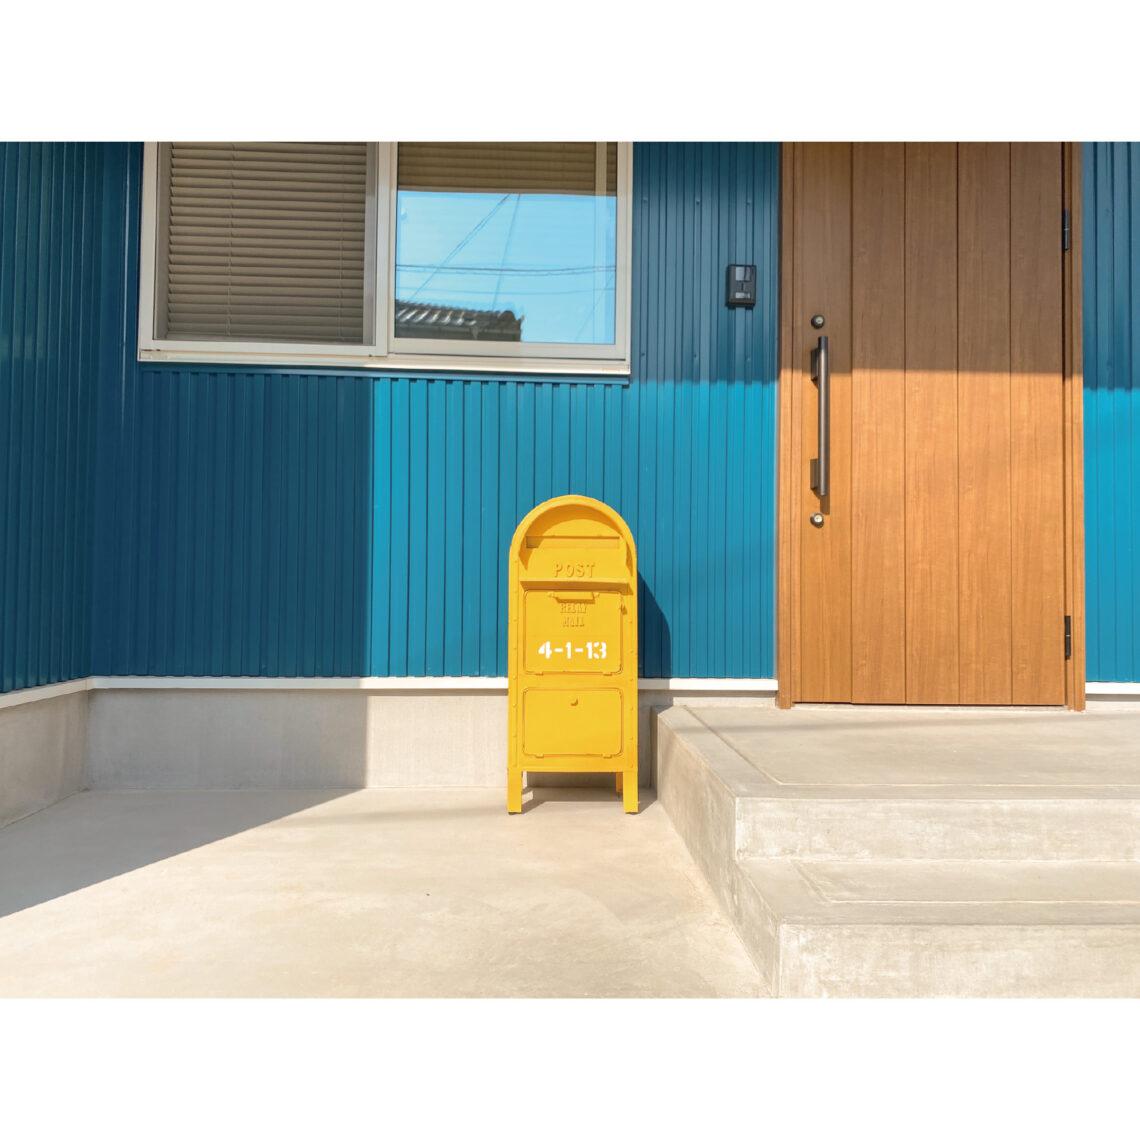 シンプルにオシャレに暮らす! 爽やかなマリンブルーの平屋のお家